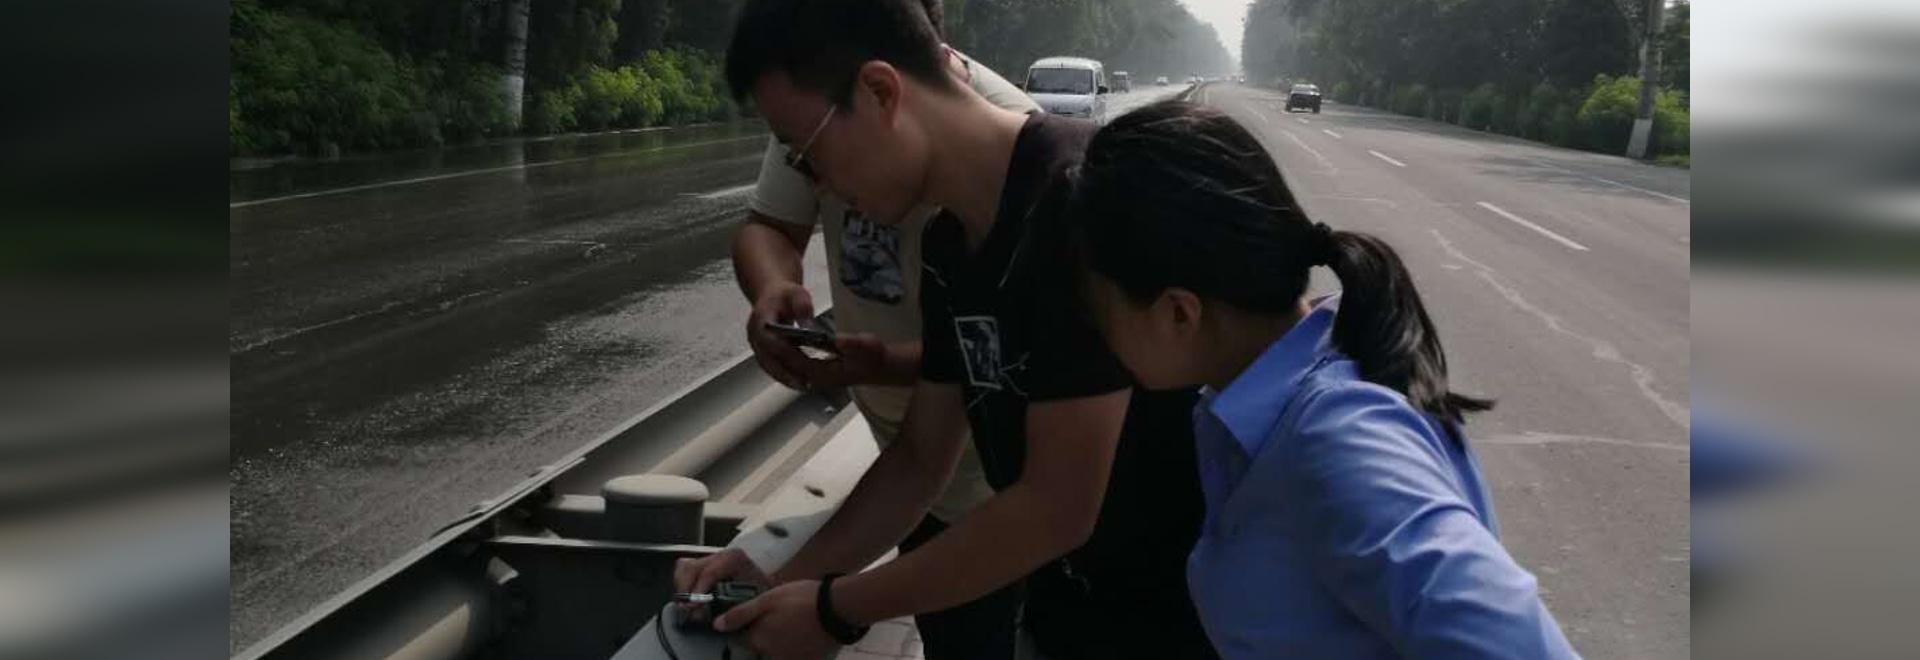 misura di spessore della guardavia di sicurezza stradale